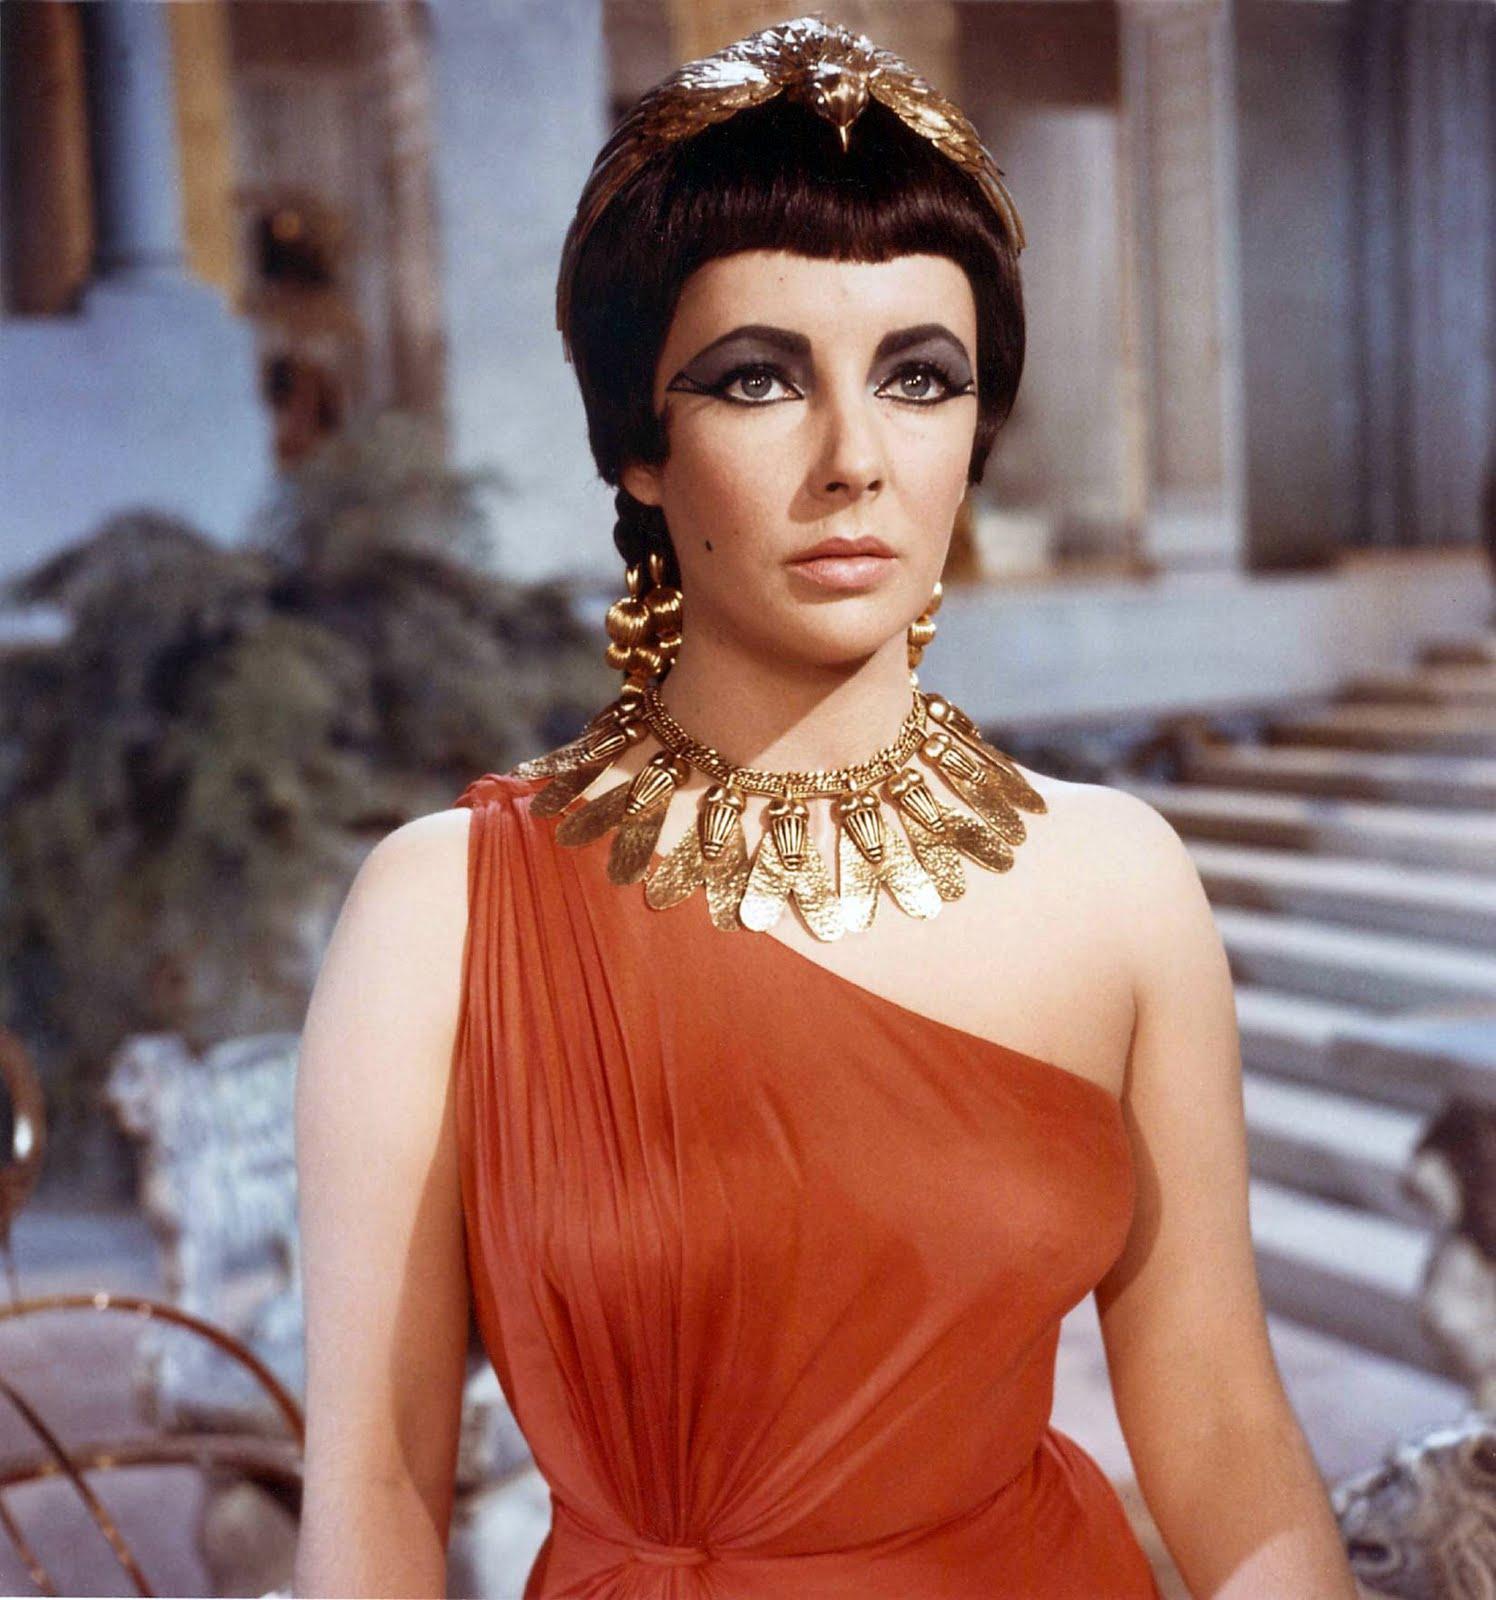 http://1.bp.blogspot.com/-LjRfa-M16y0/TYoKDMDw9VI/AAAAAAAAC0E/3T5_dTvxYDo/s1600/elizabeth-taylor-as-cleopatra1.jpg